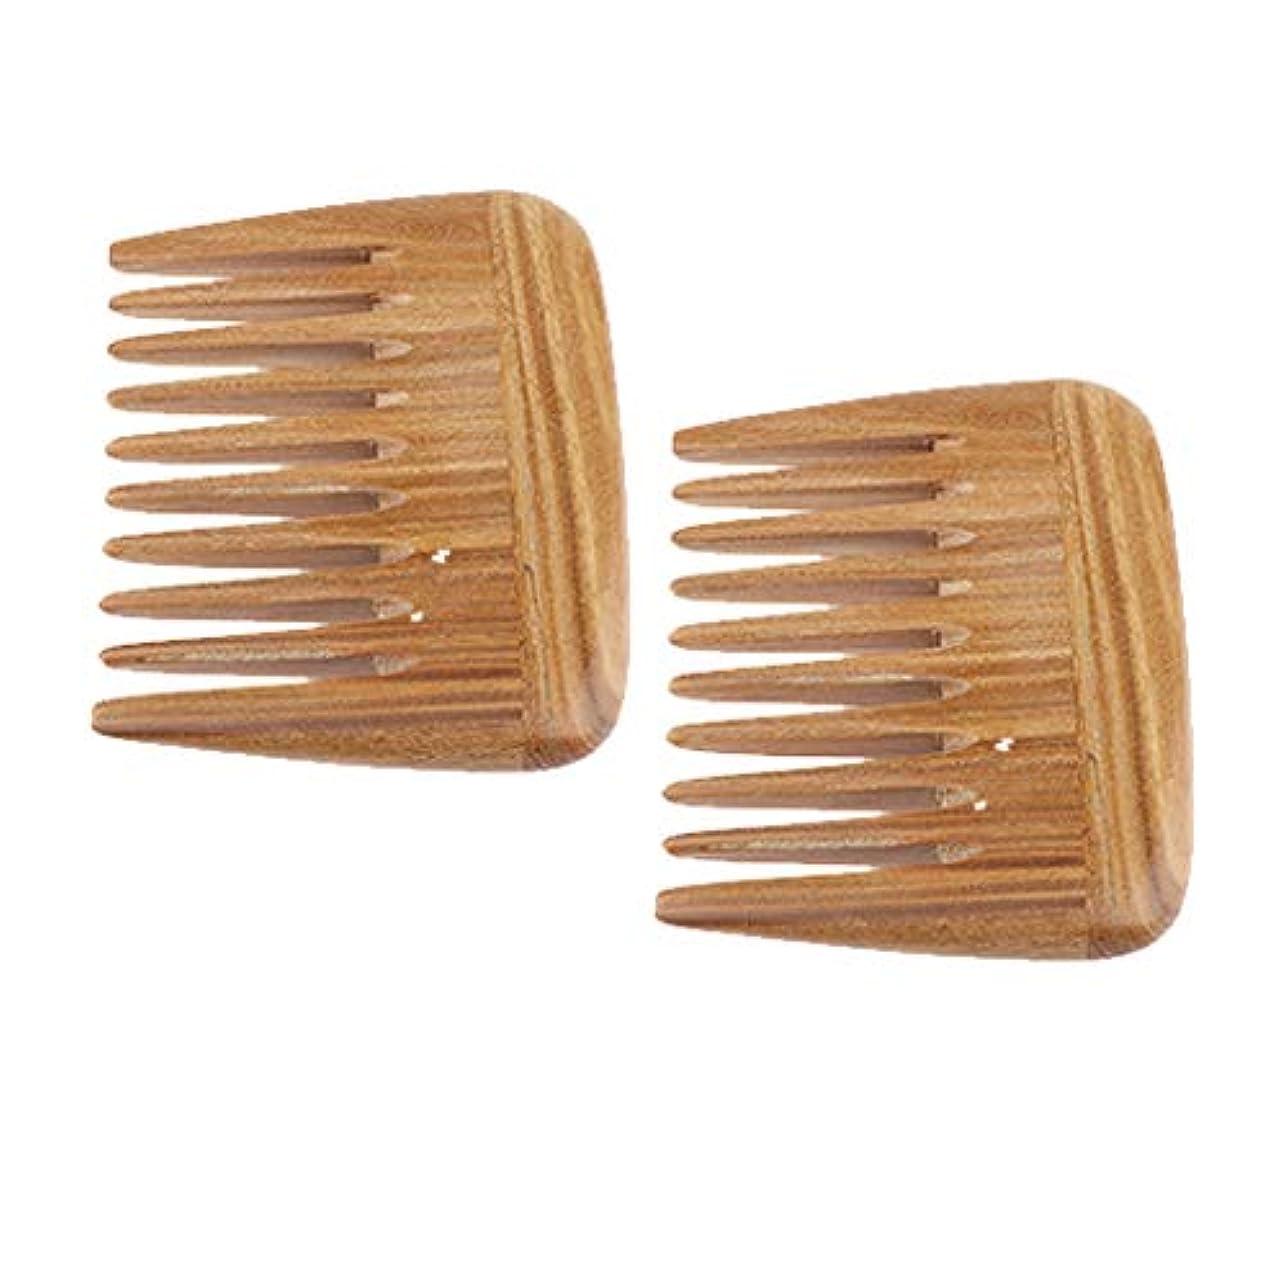 ニュージーランド速報理想的にはToygogo 髪/ヤギひげ/ひげ/口ひげ用の手作りグリーンサンダルウッドコームx 2-巻き毛用の広い歯木製デタングラーヘアブラシ-静的天然木なし